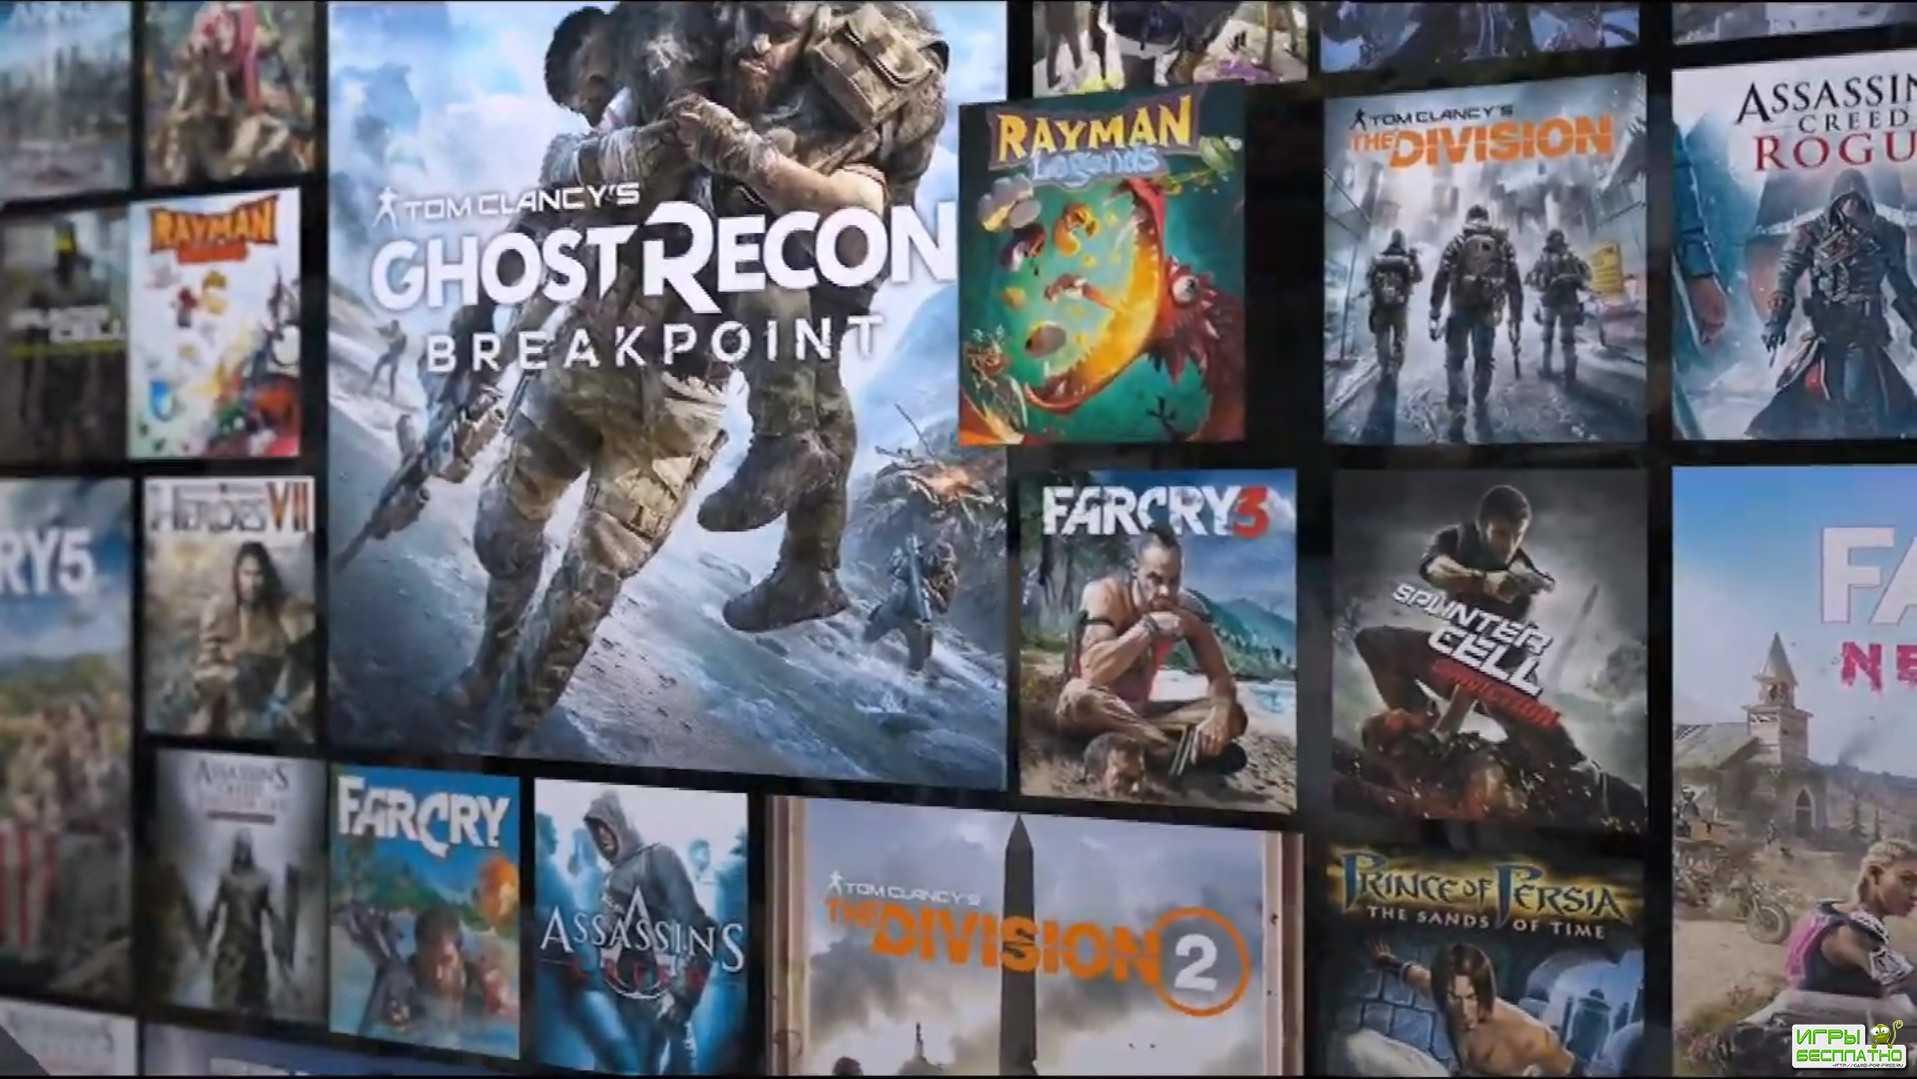 Из-за секс-скандалов из Ubisoft уволили ключевых топ-менеджеров